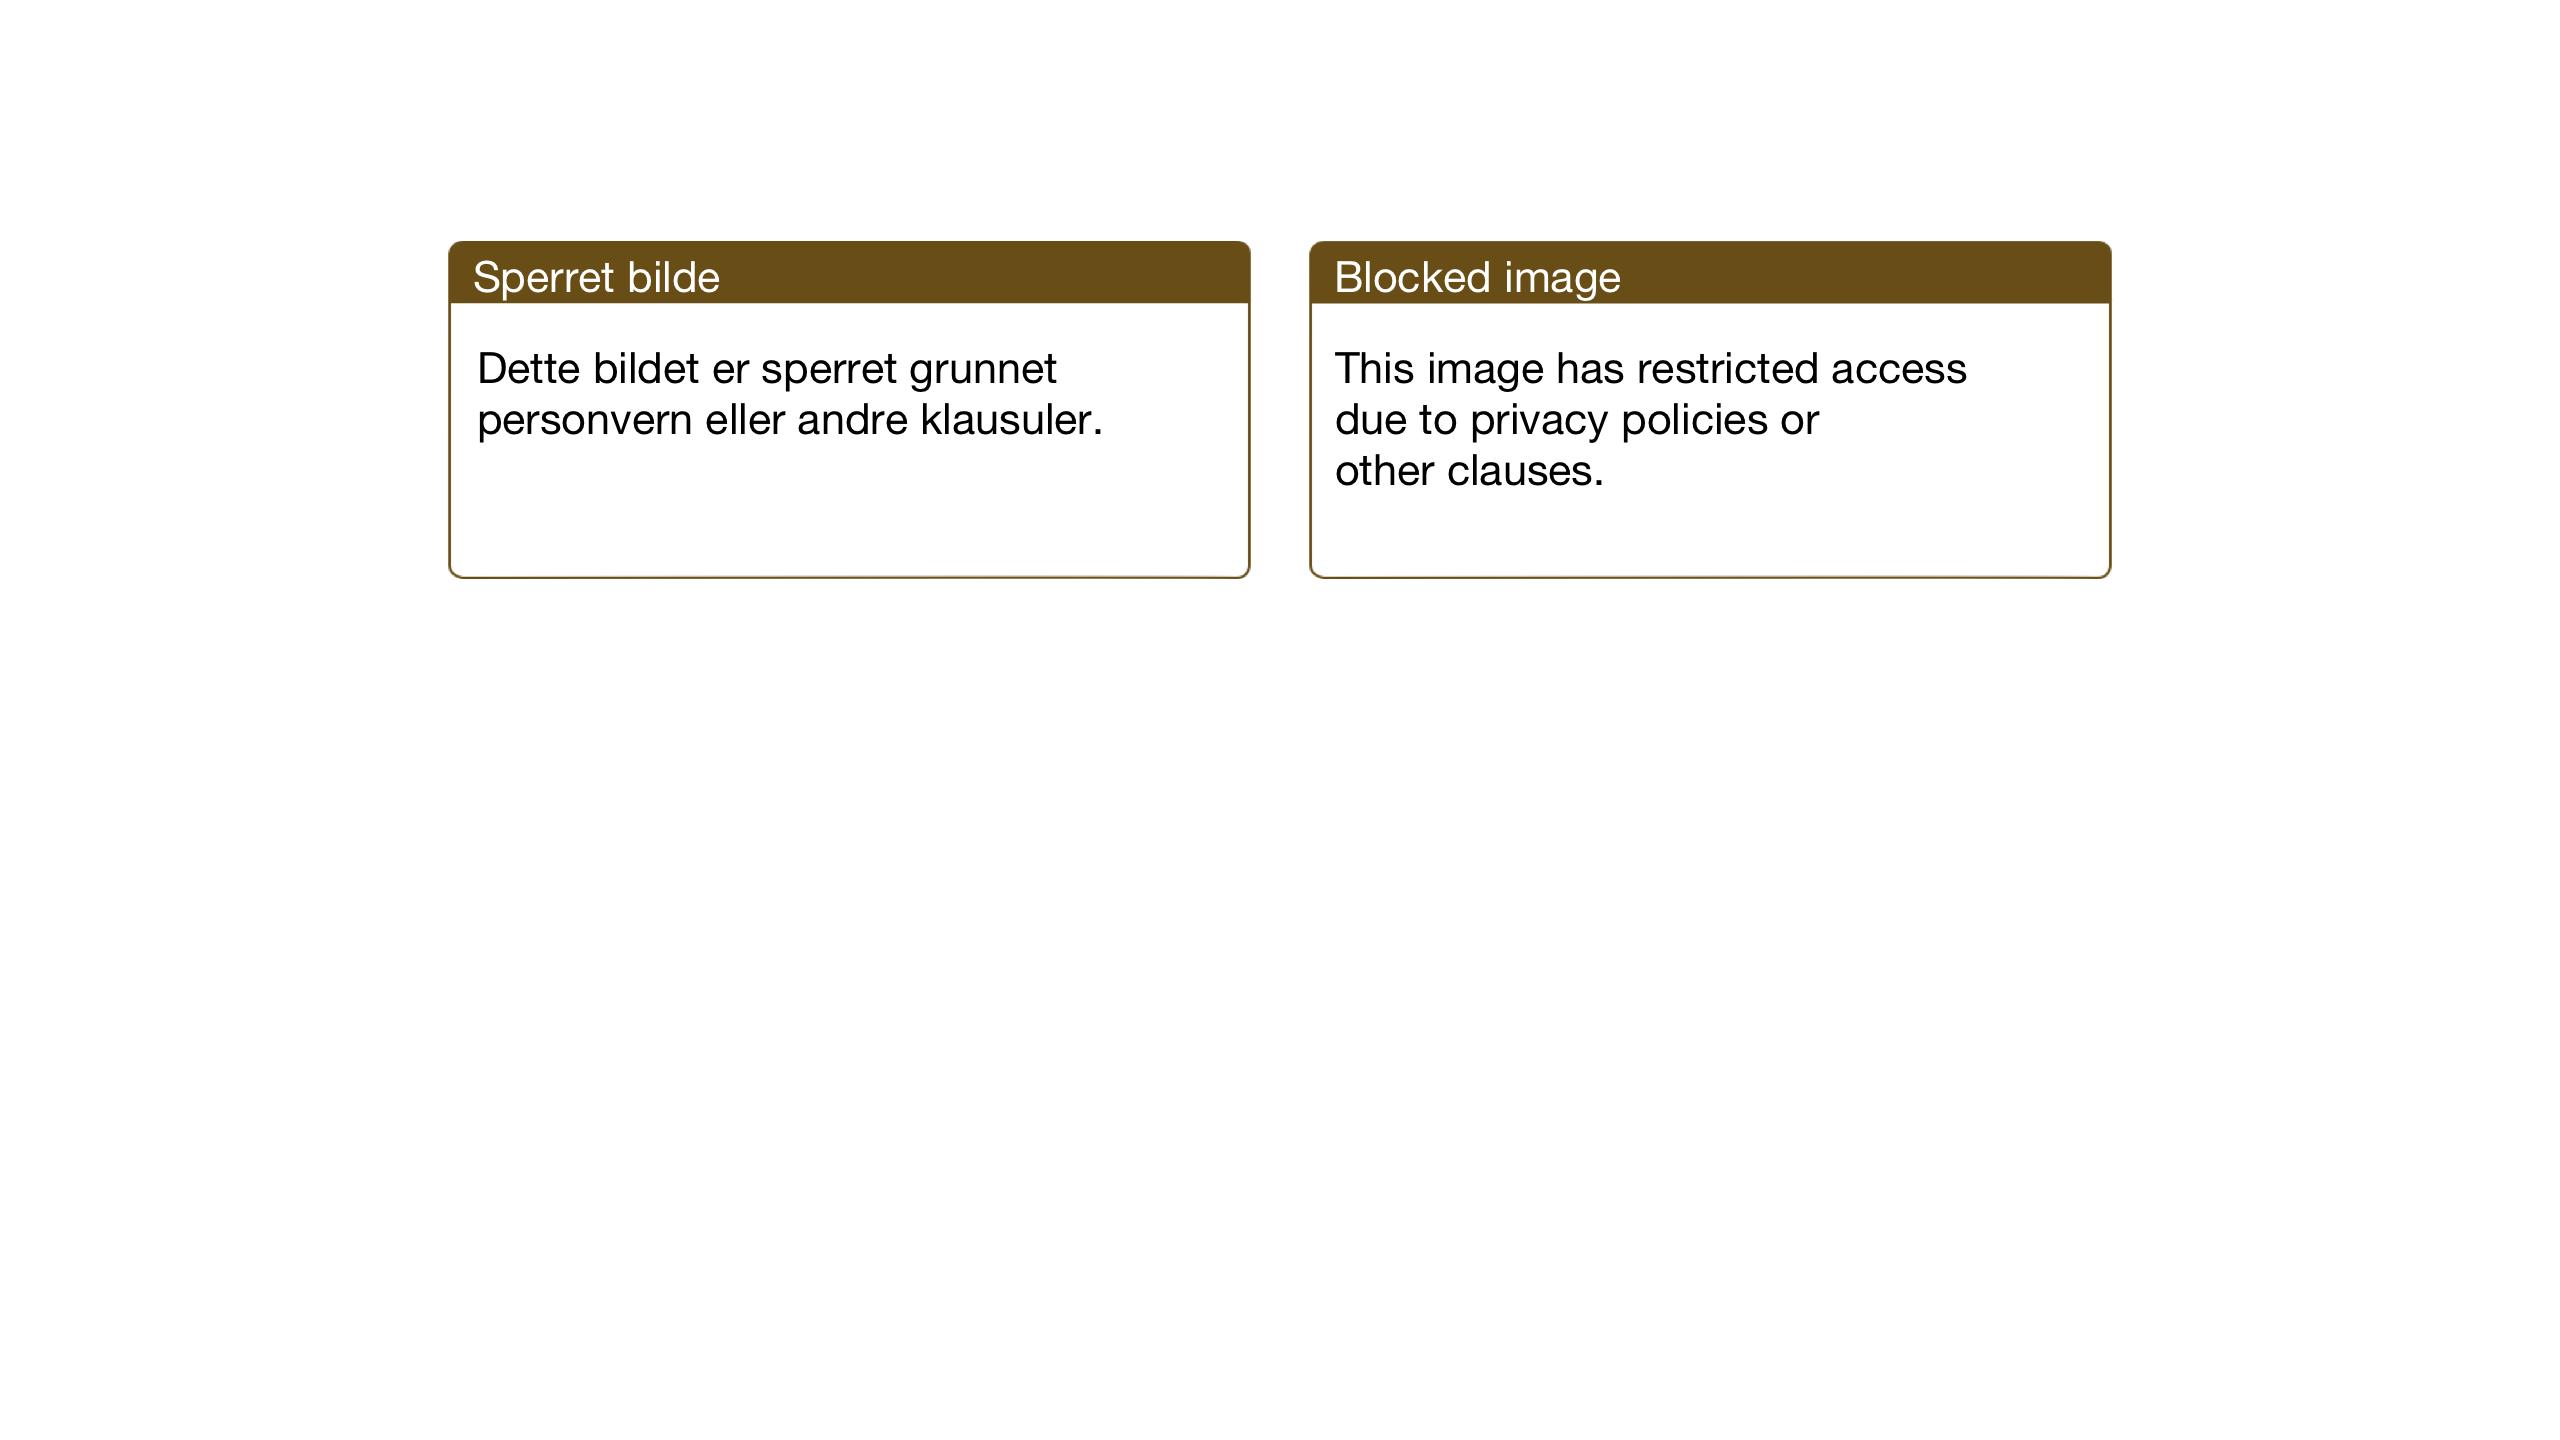 SAT, Ministerialprotokoller, klokkerbøker og fødselsregistre - Nord-Trøndelag, 733/L0328: Klokkerbok nr. 733C03, 1919-1966, s. 38